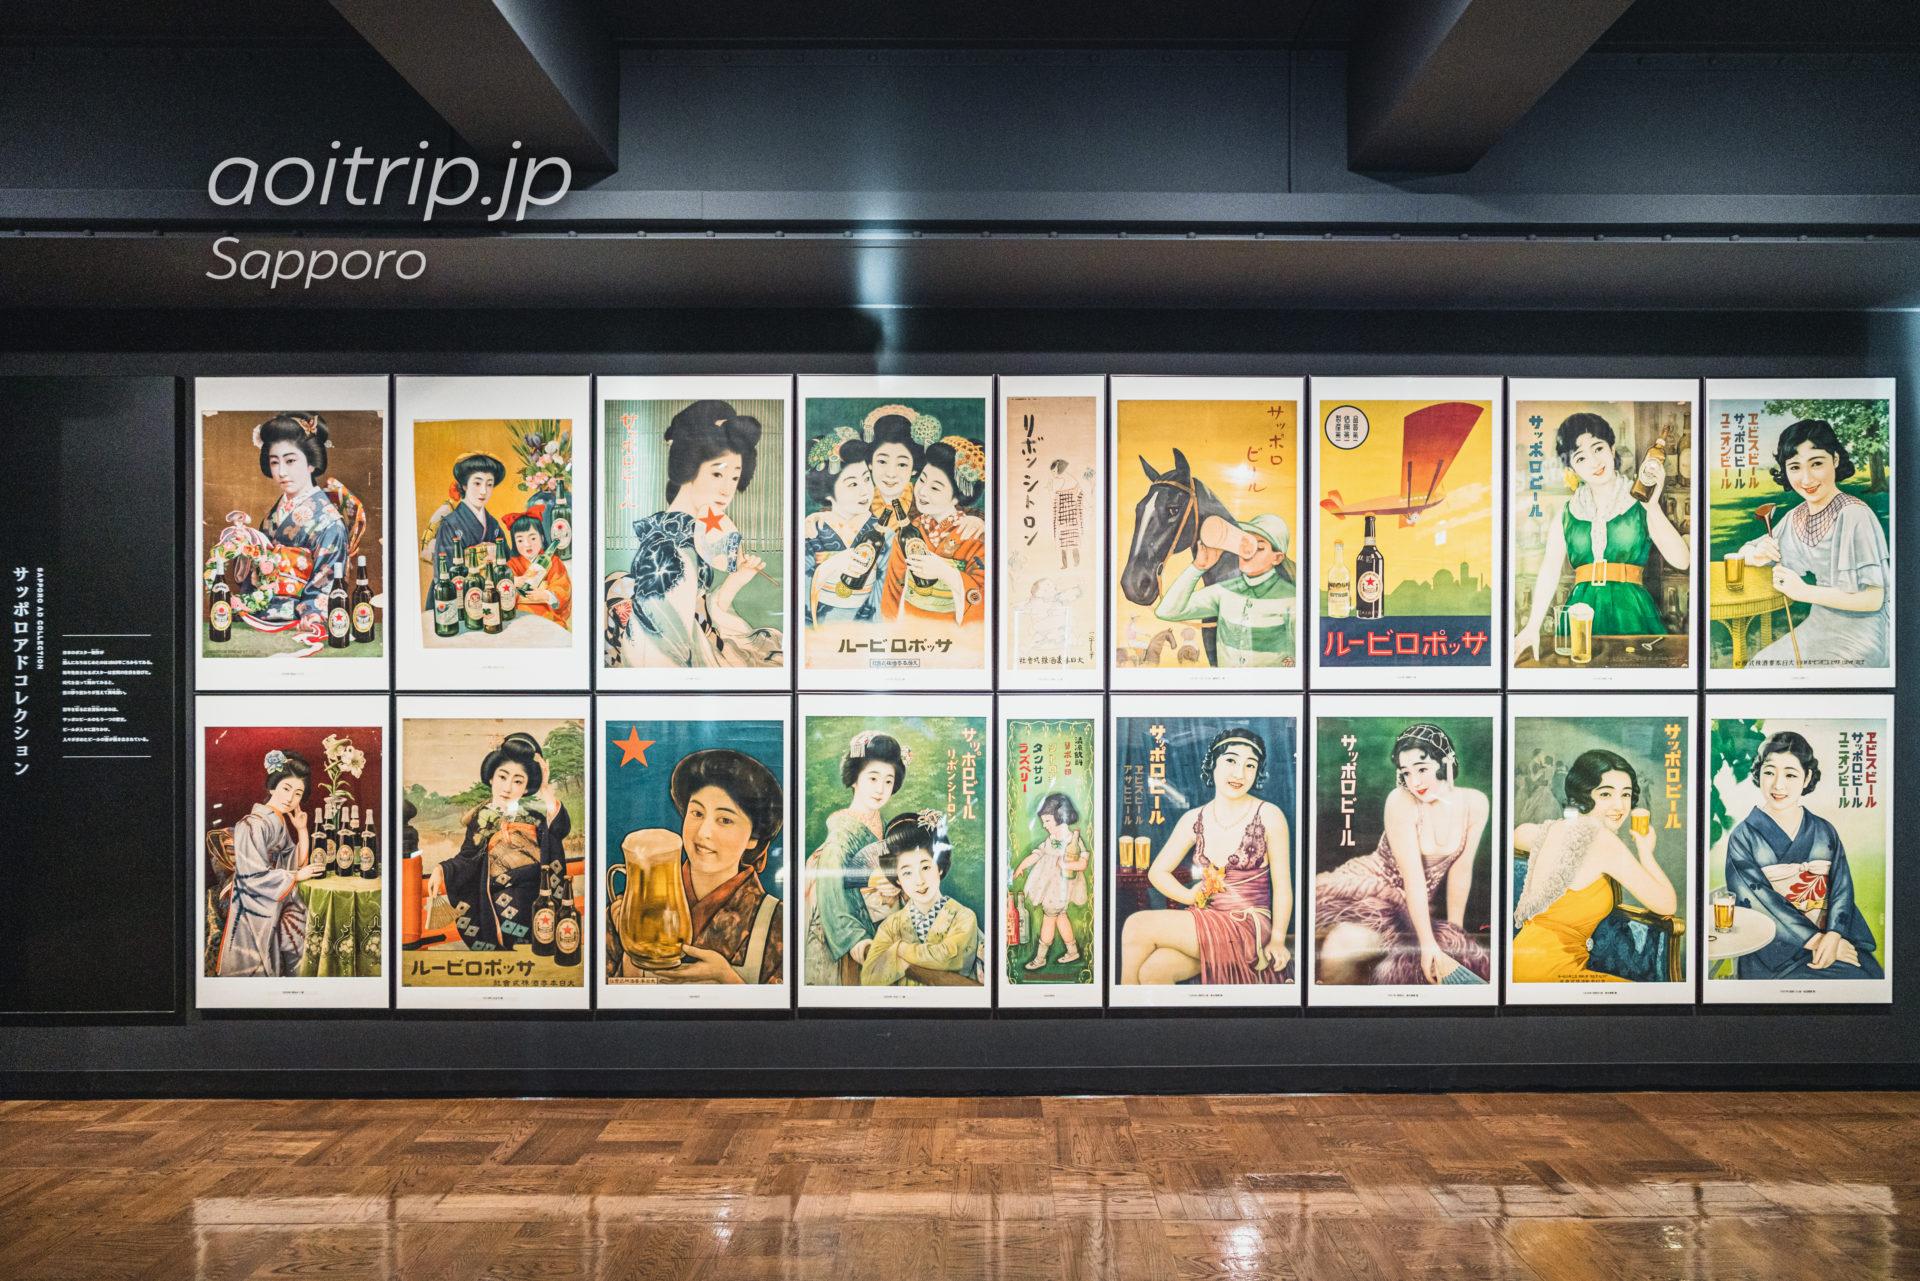 札幌ビール博物館 2F サッポロギャラリー